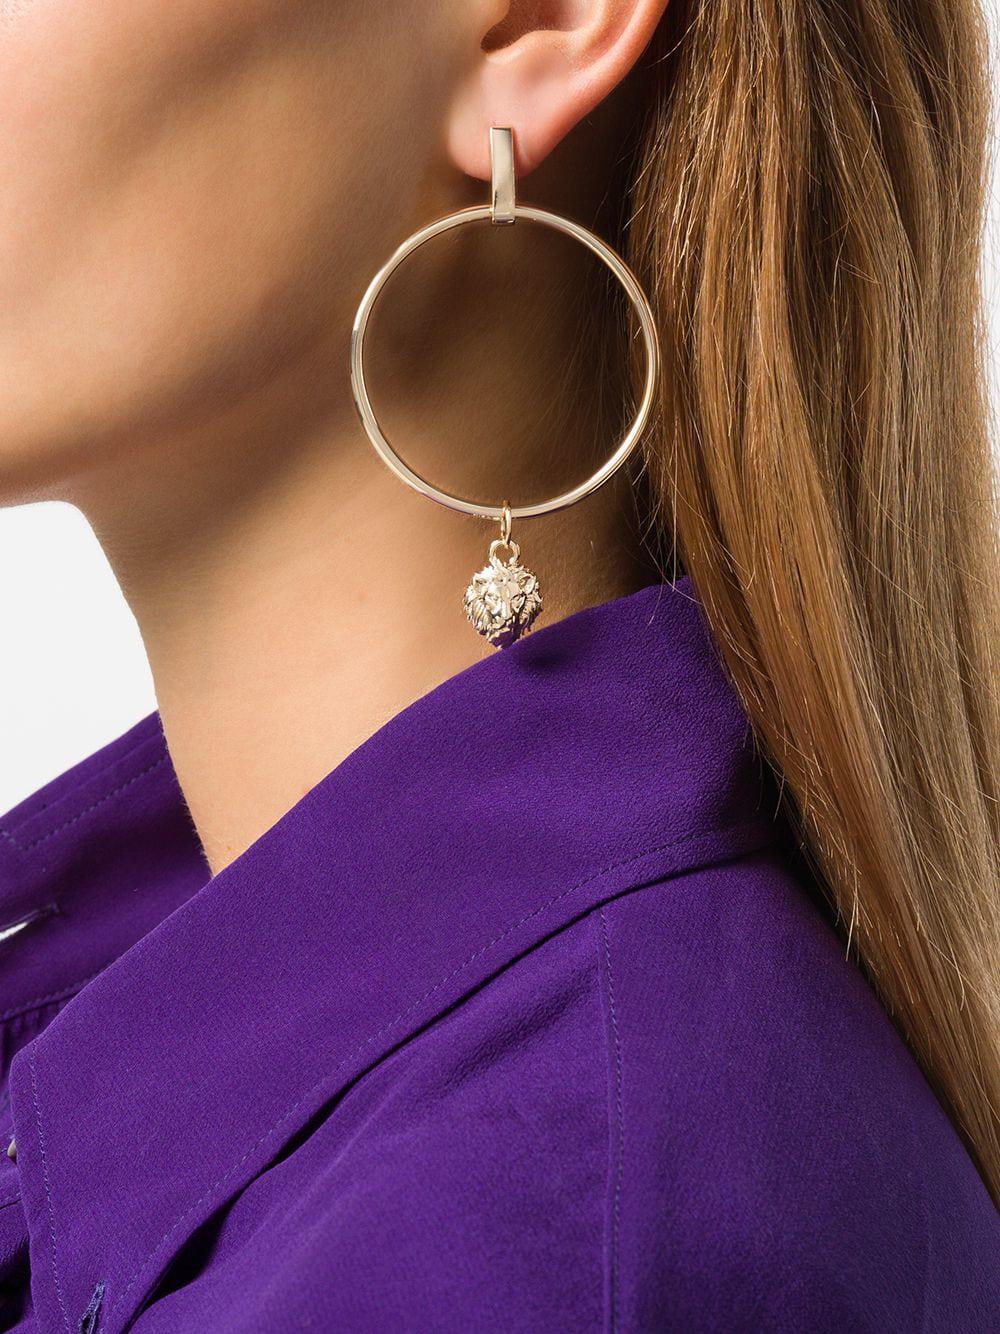 Versus Charm Hoop Earrings in Metallic